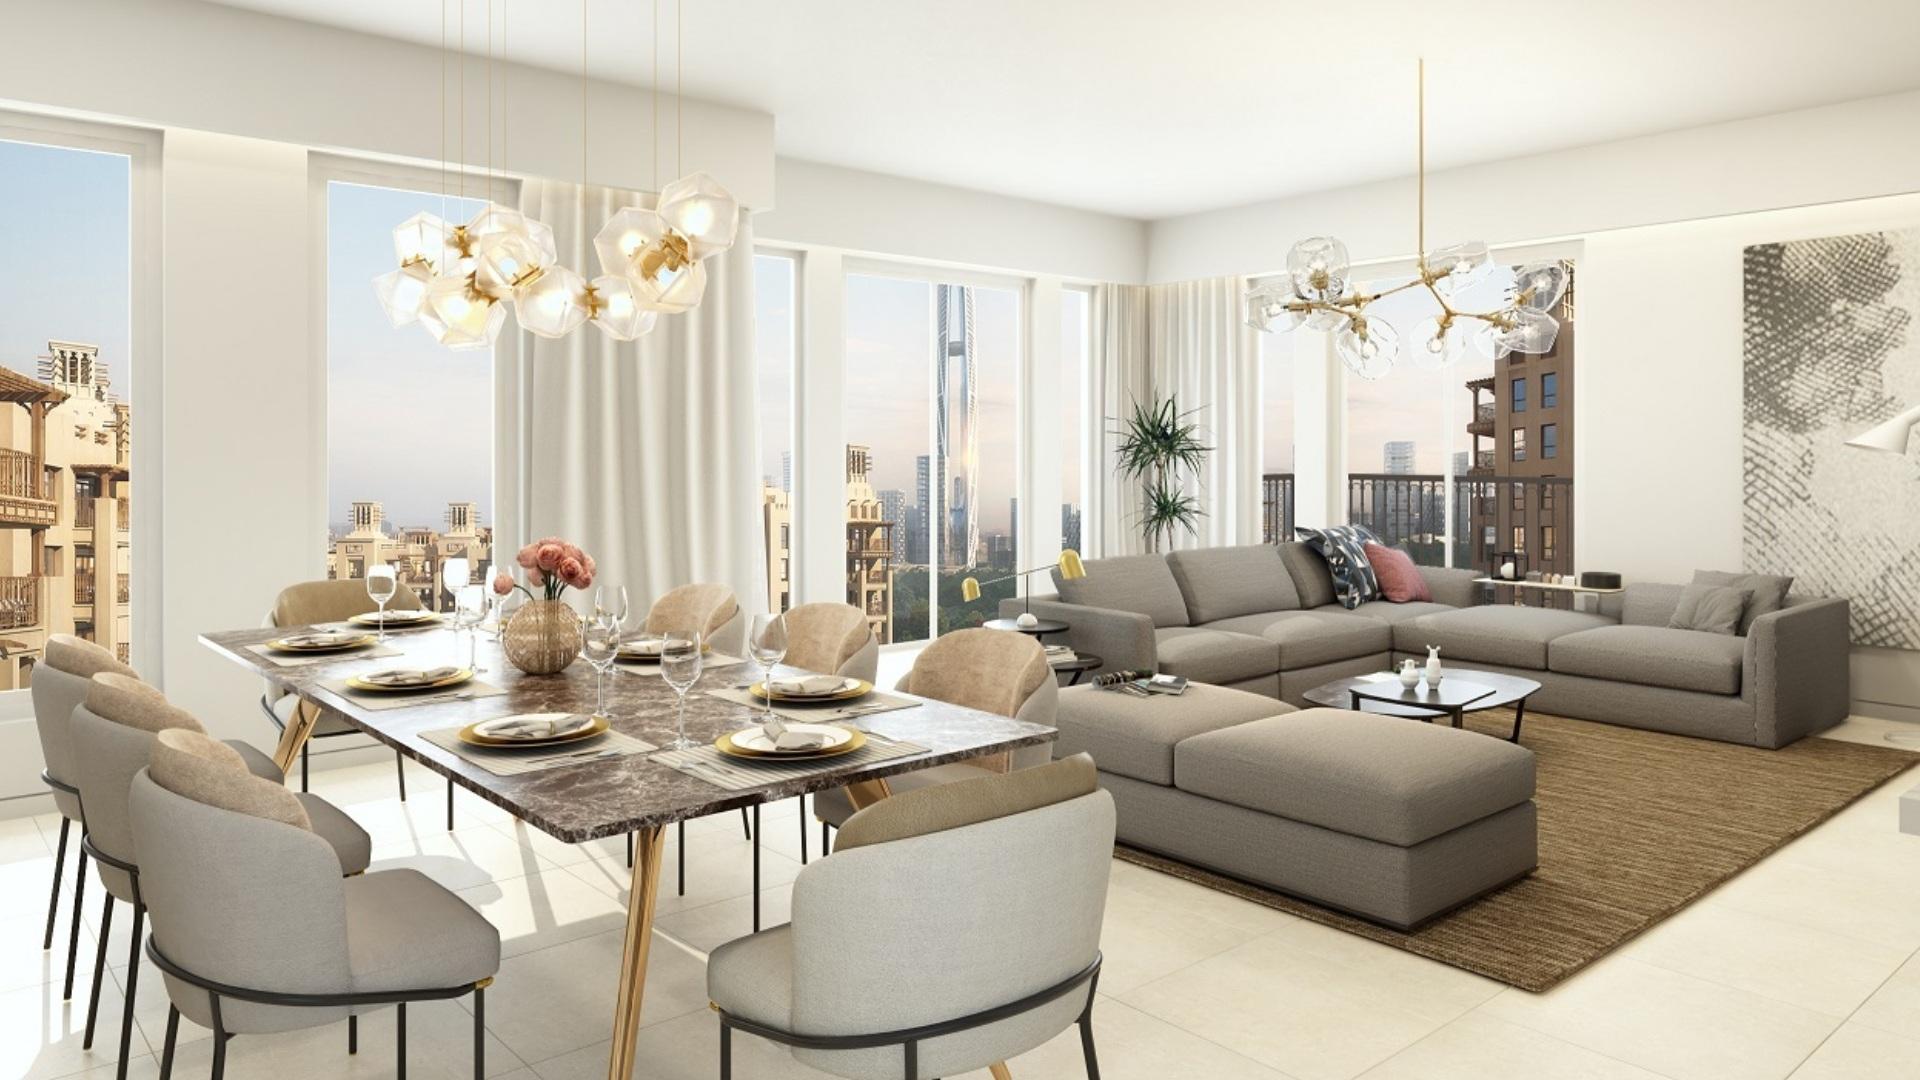 Apartment for sale in Dubai, UAE, 4 bedrooms, 284 m2, No. 24262 – photo 1